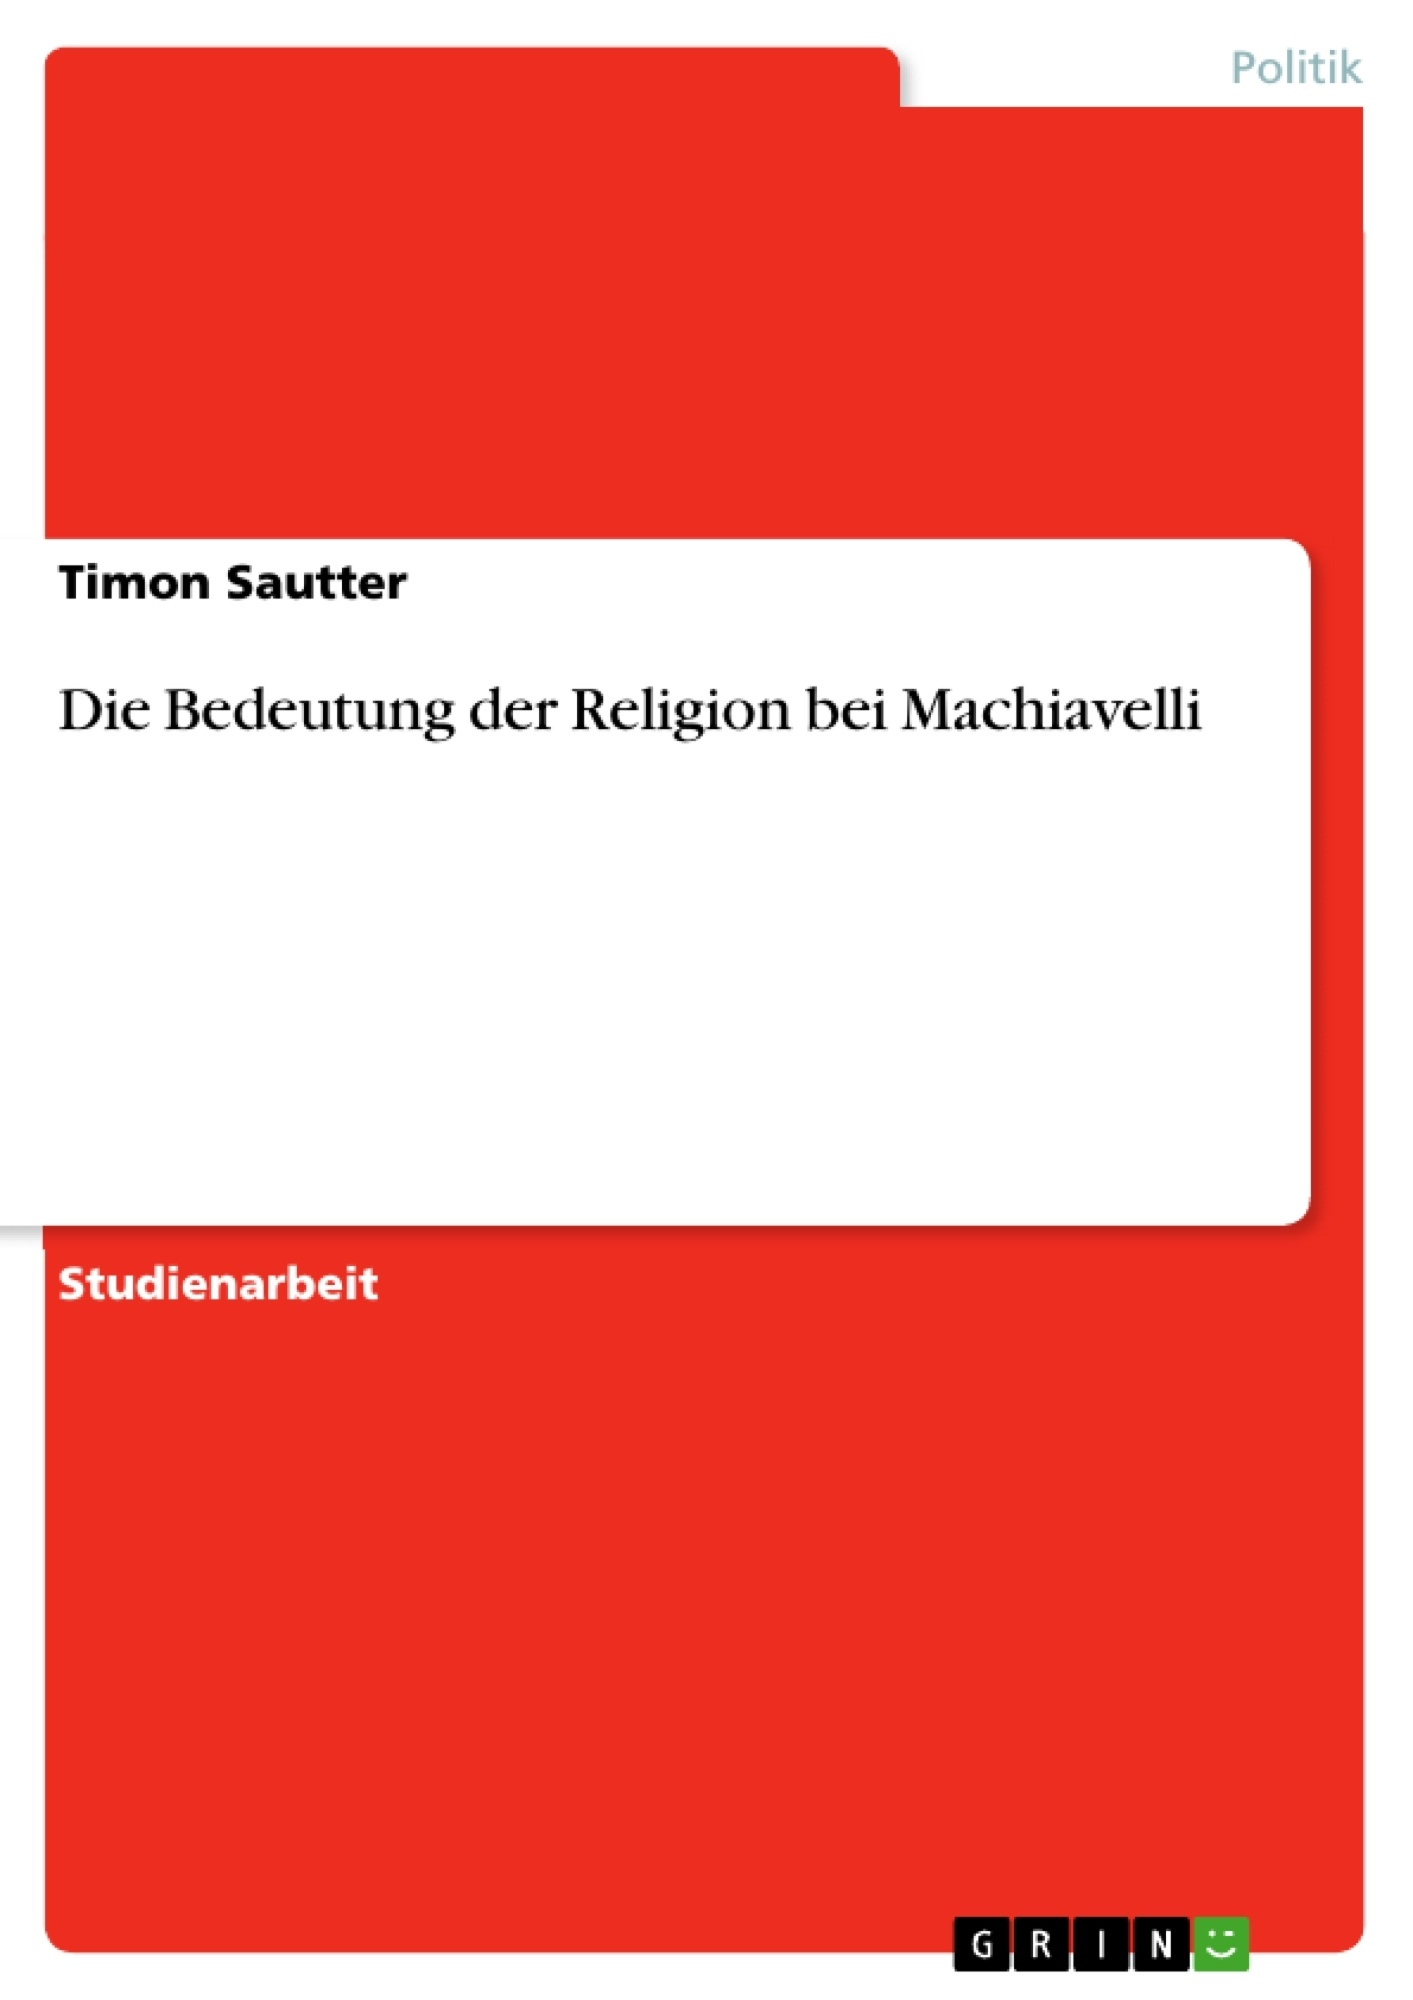 Titel: Die Bedeutung der Religion bei Machiavelli